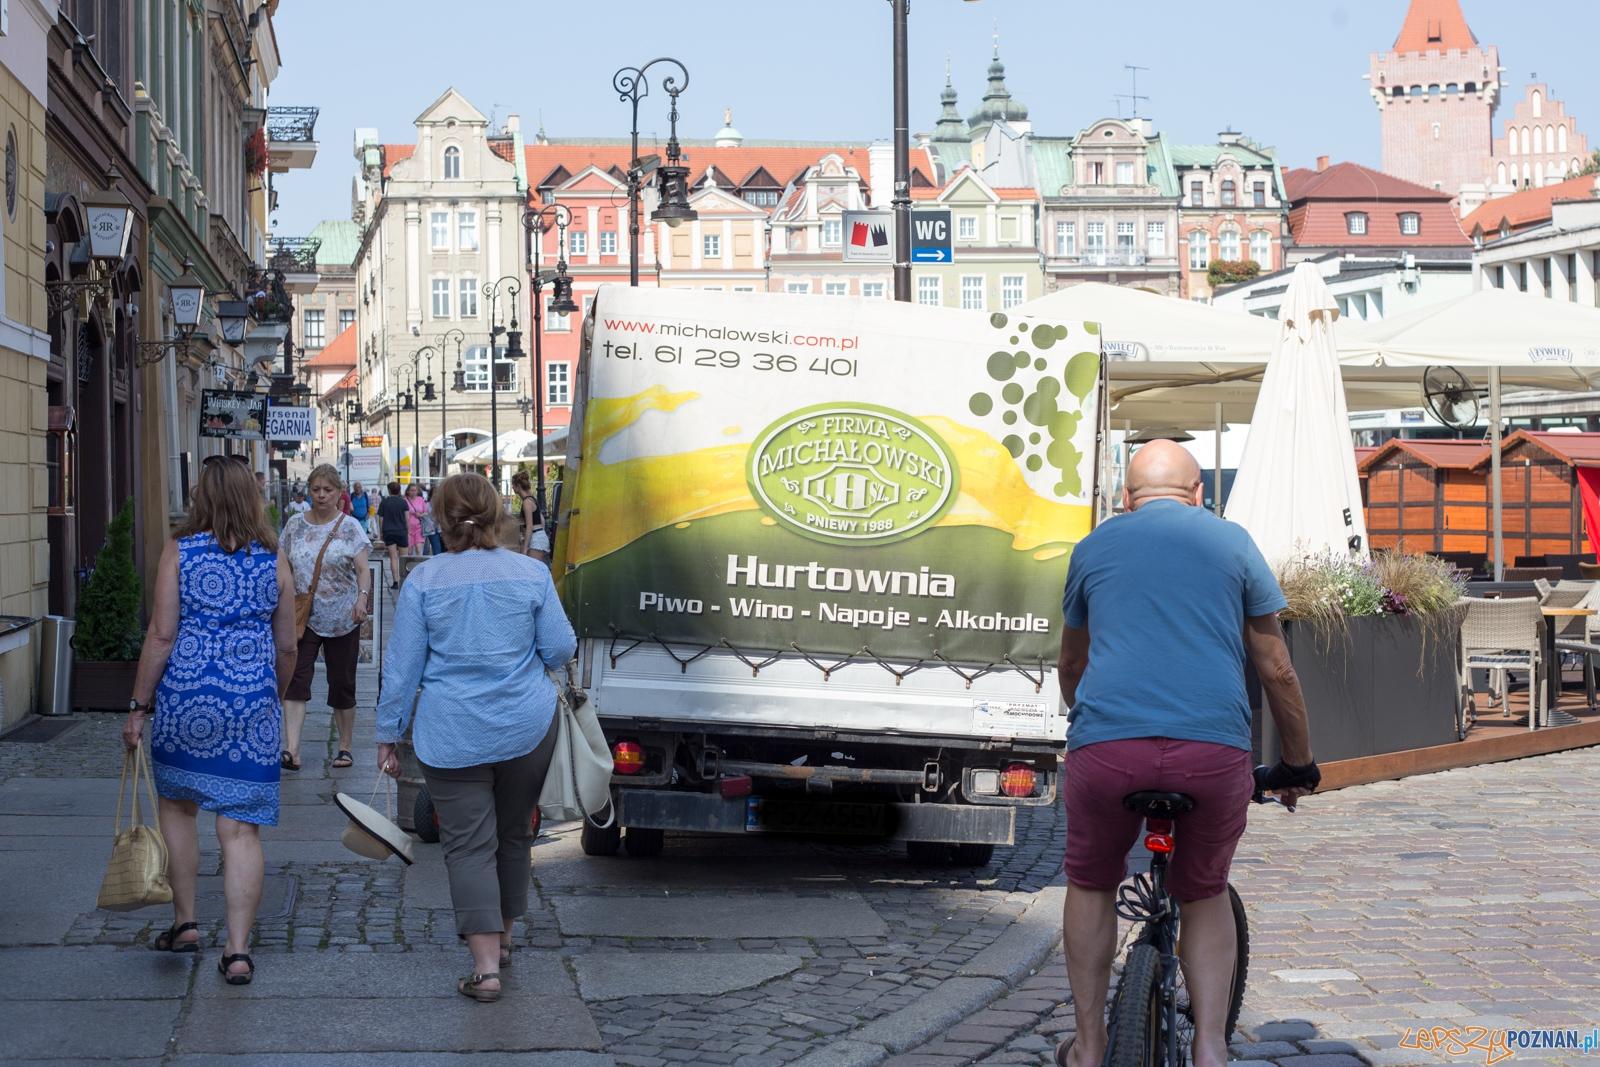 Wykroczenia na Starym Rynku  Foto: lepszyPOZNAN.pl